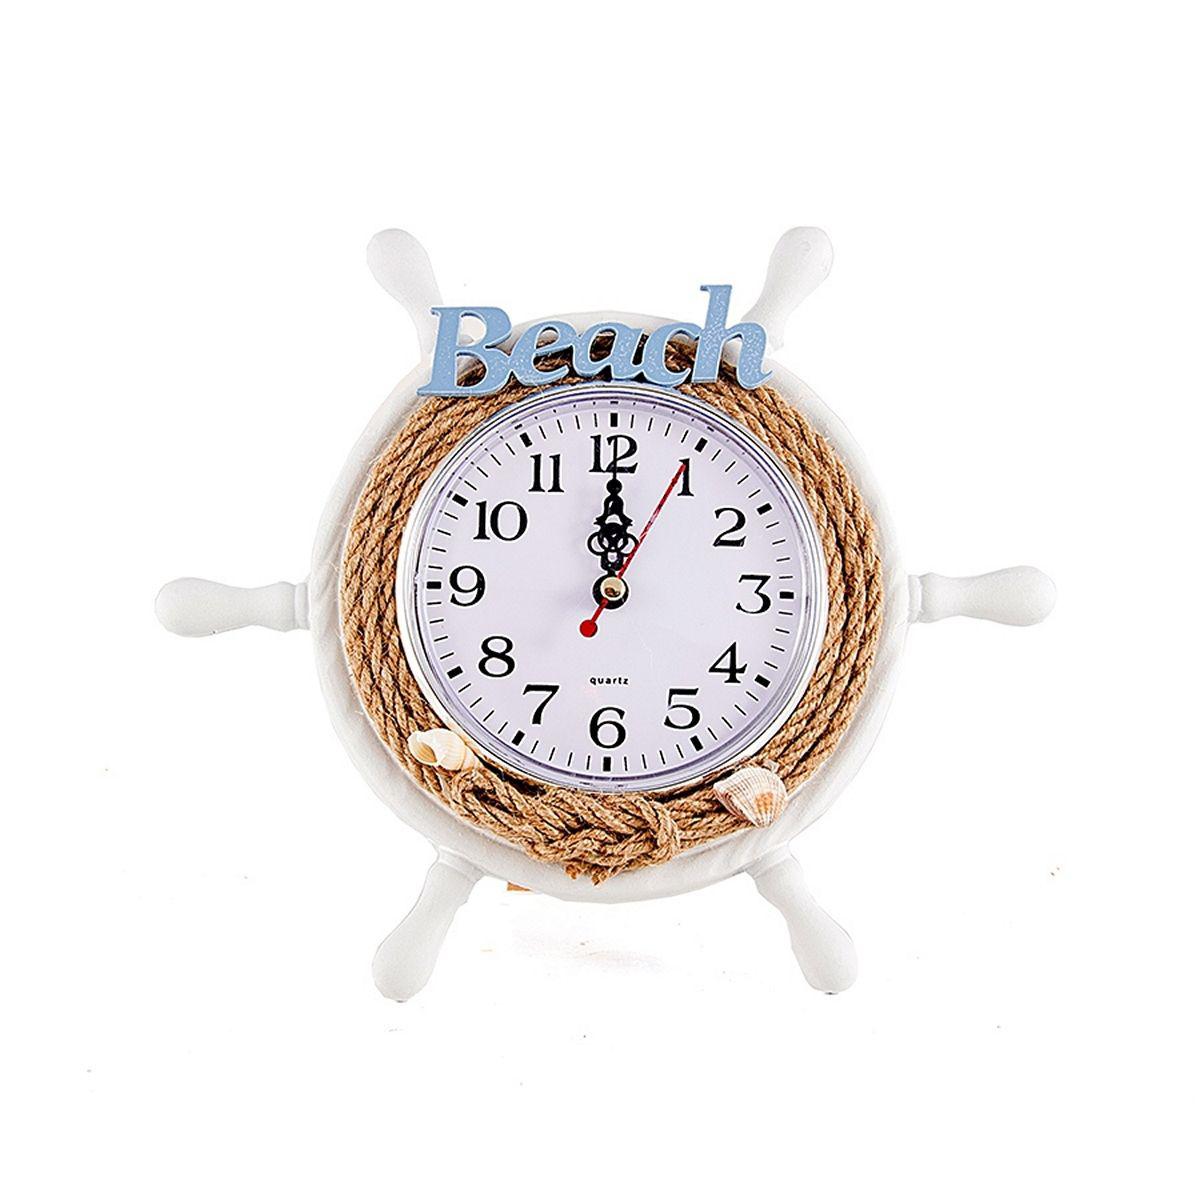 Часы настольные Русские Подарки Морская романтика, диаметр 22 см. 3341033410Настольные кварцевые часы Русские Подарки Морская романтика изготовлены из МДФ, циферблат защищен стеклом. Корпус выполнен в виде штурвала, оформлен натуральными ракушками и надписью Beach. Часы имеют три стрелки - часовую, минутную и секундную.Такие часы украсят интерьер дома или рабочий стол в офисе. Также часы могут стать уникальным, полезным подарком для родственников, коллег, знакомых и близких.